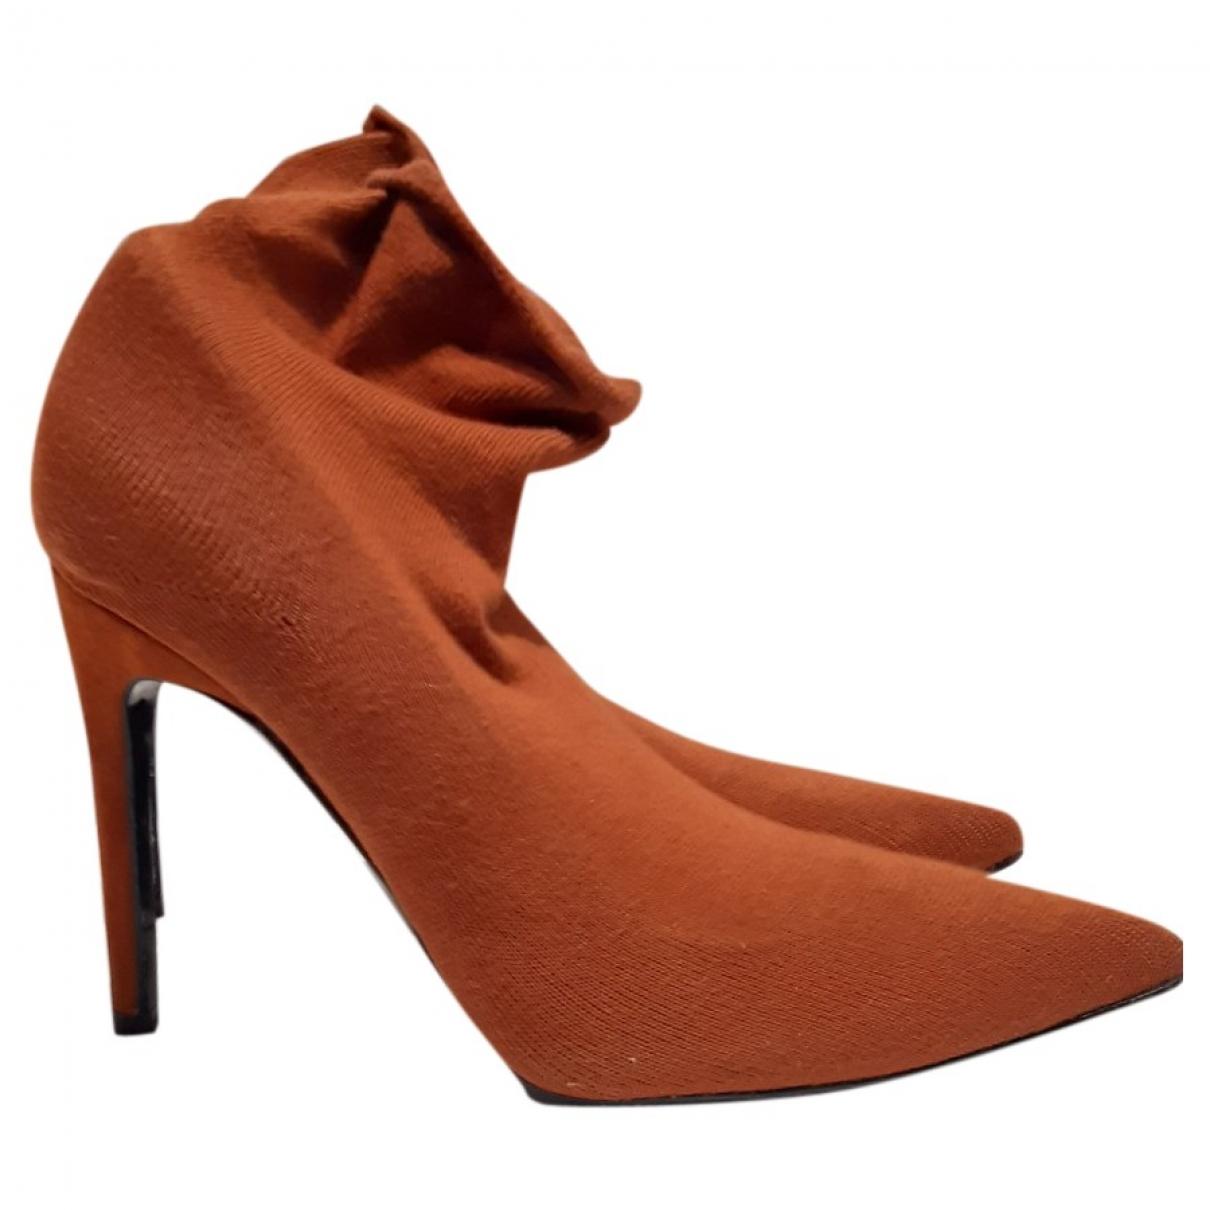 Zara - Boots   pour femme en toile - orange